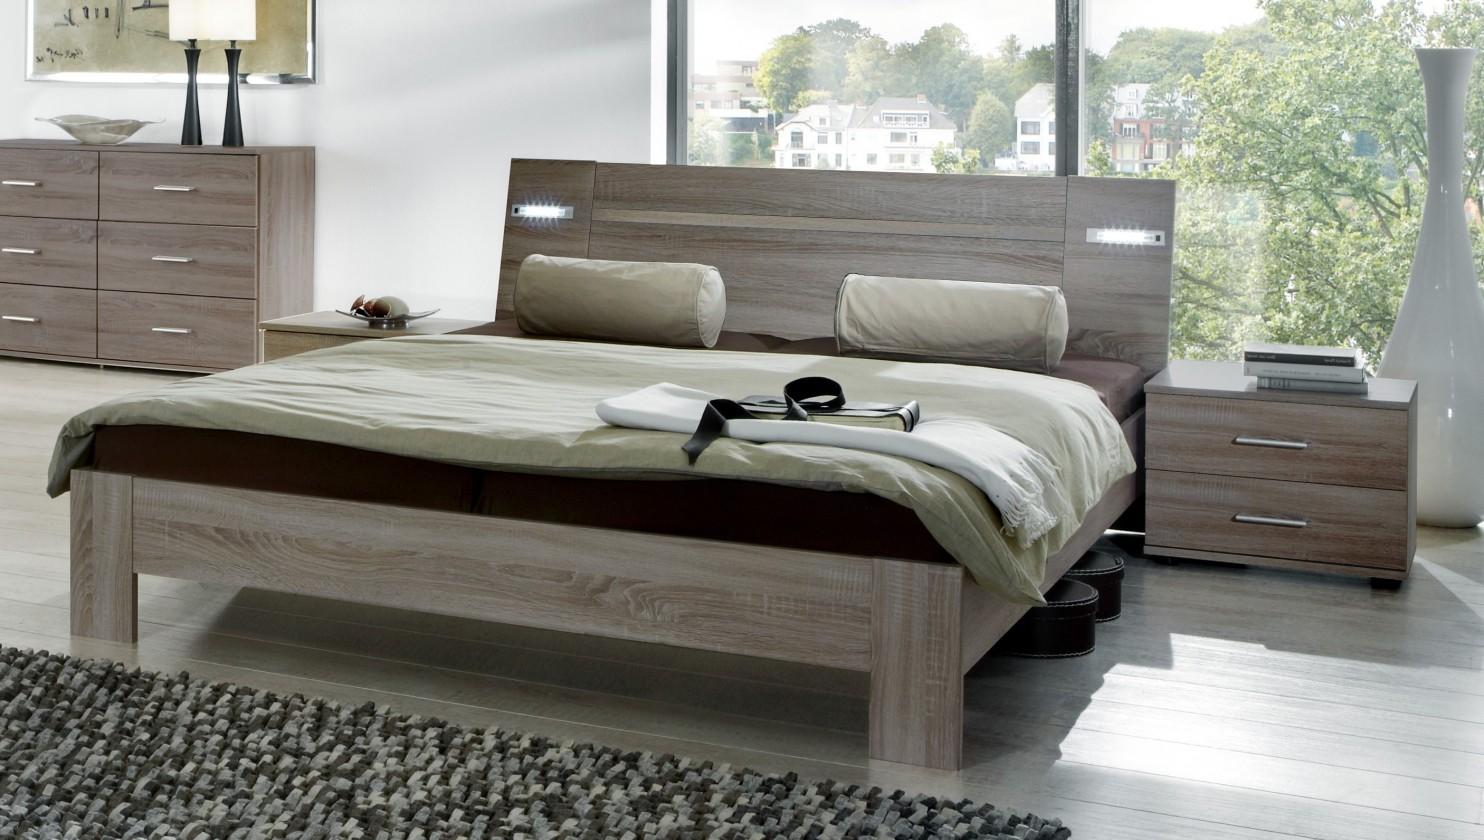 Ložnicový komplet Vicenza - Komplet, postel 160 cm (dub montana)